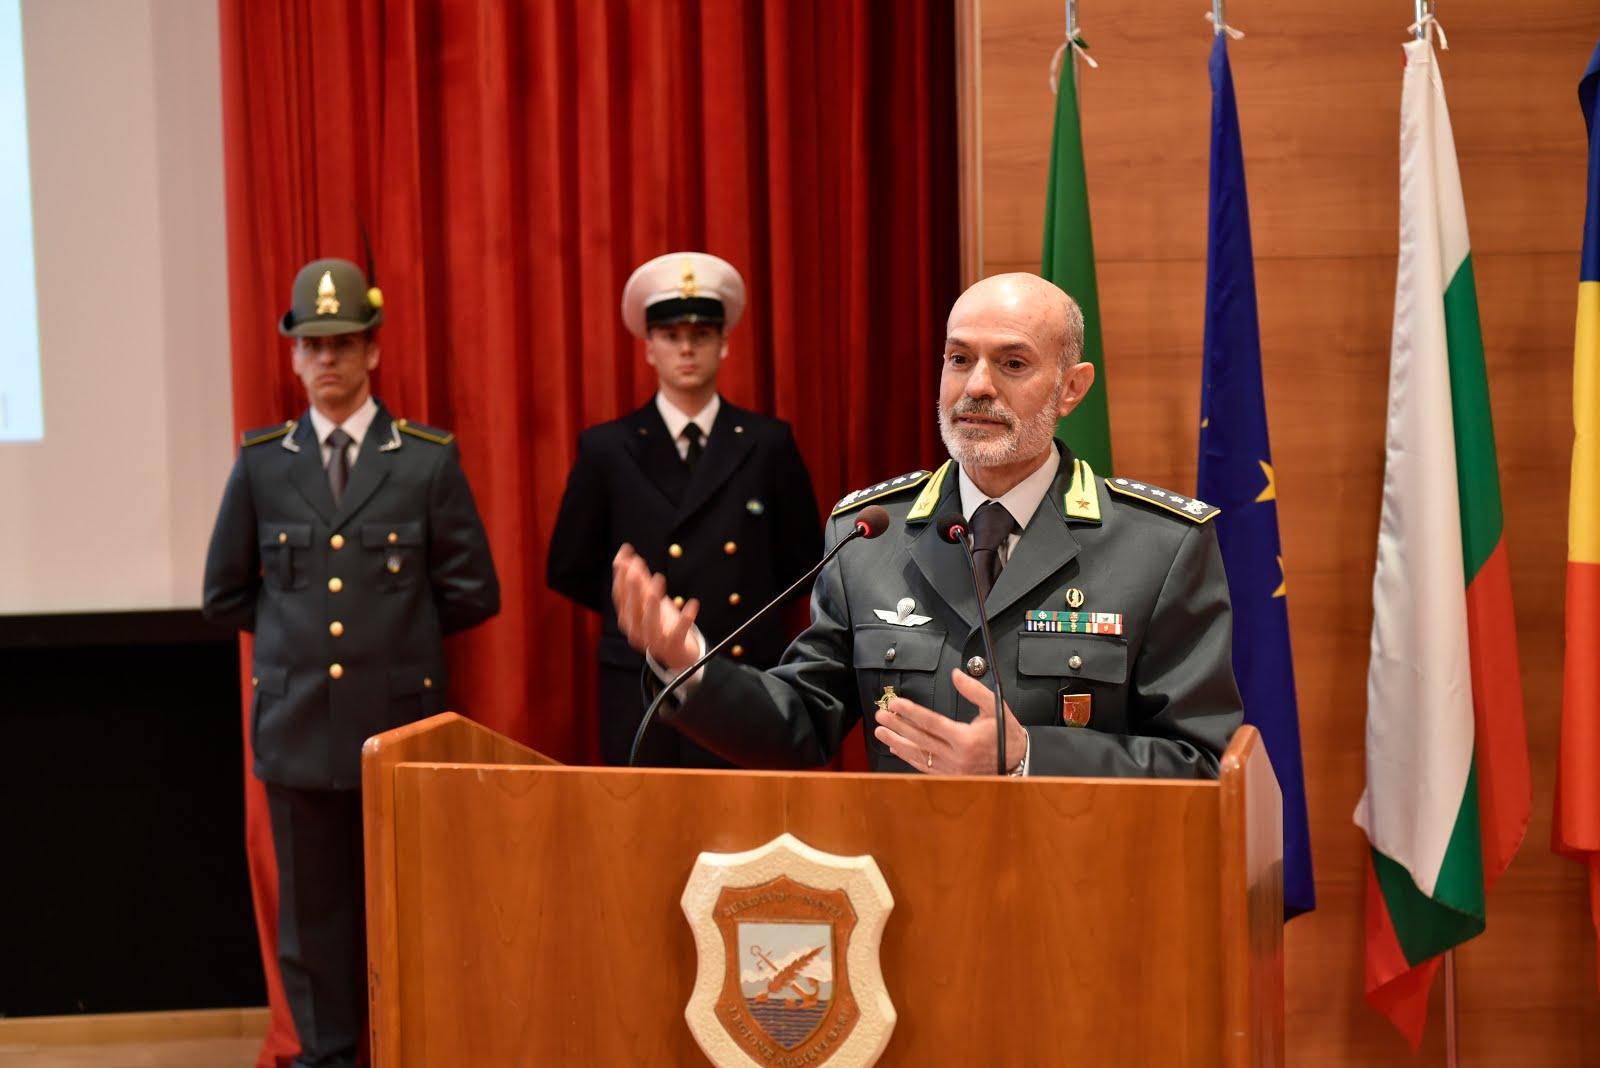 Intervento del Generale di Corpo d'Armata Dott. Carlo RICOZZI